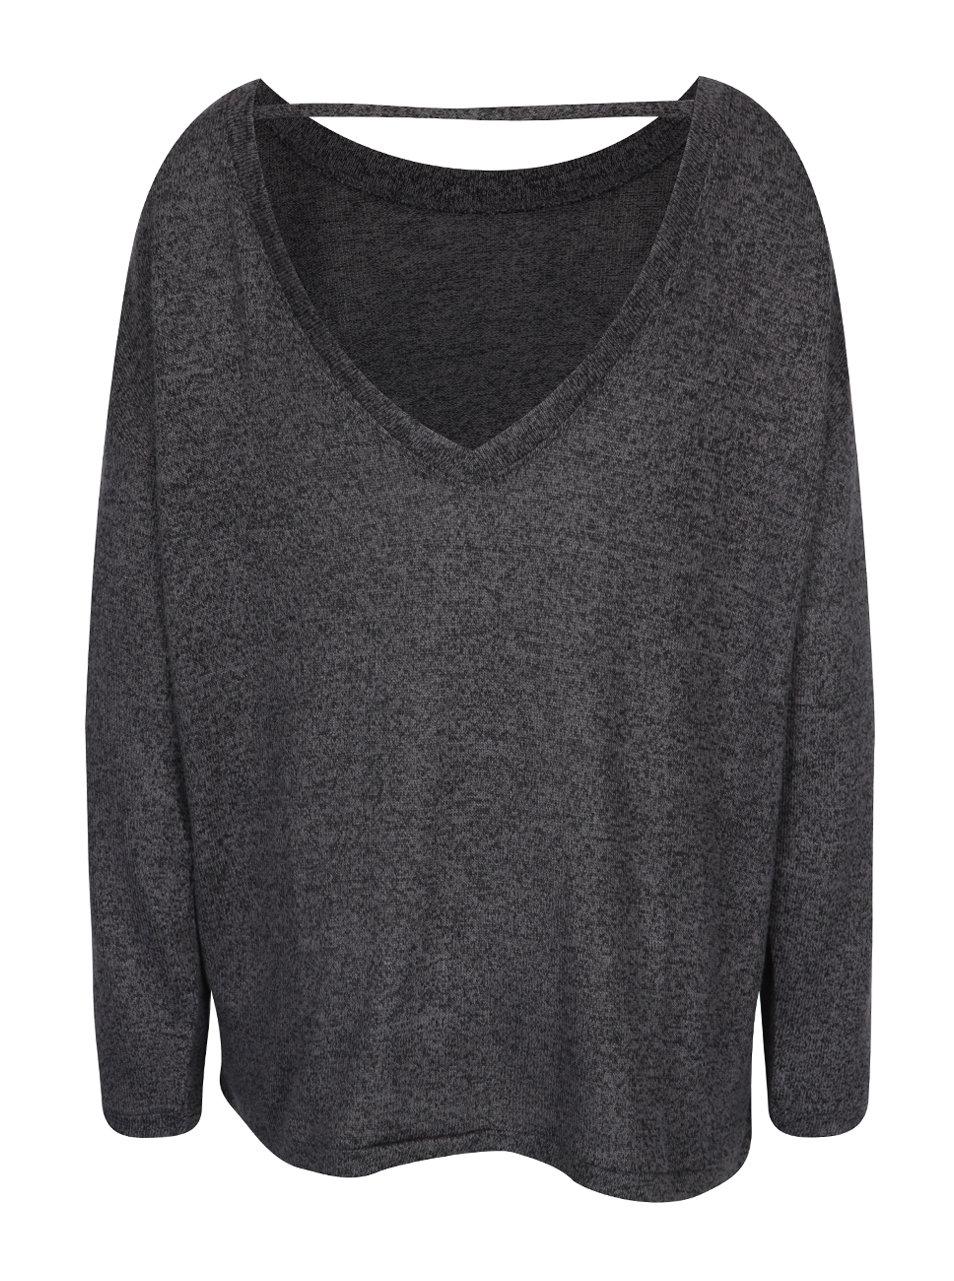 d565df276a6 Tmavě šedý žíhaný svetr s páskem na zádech VERO MODA Sadie ...